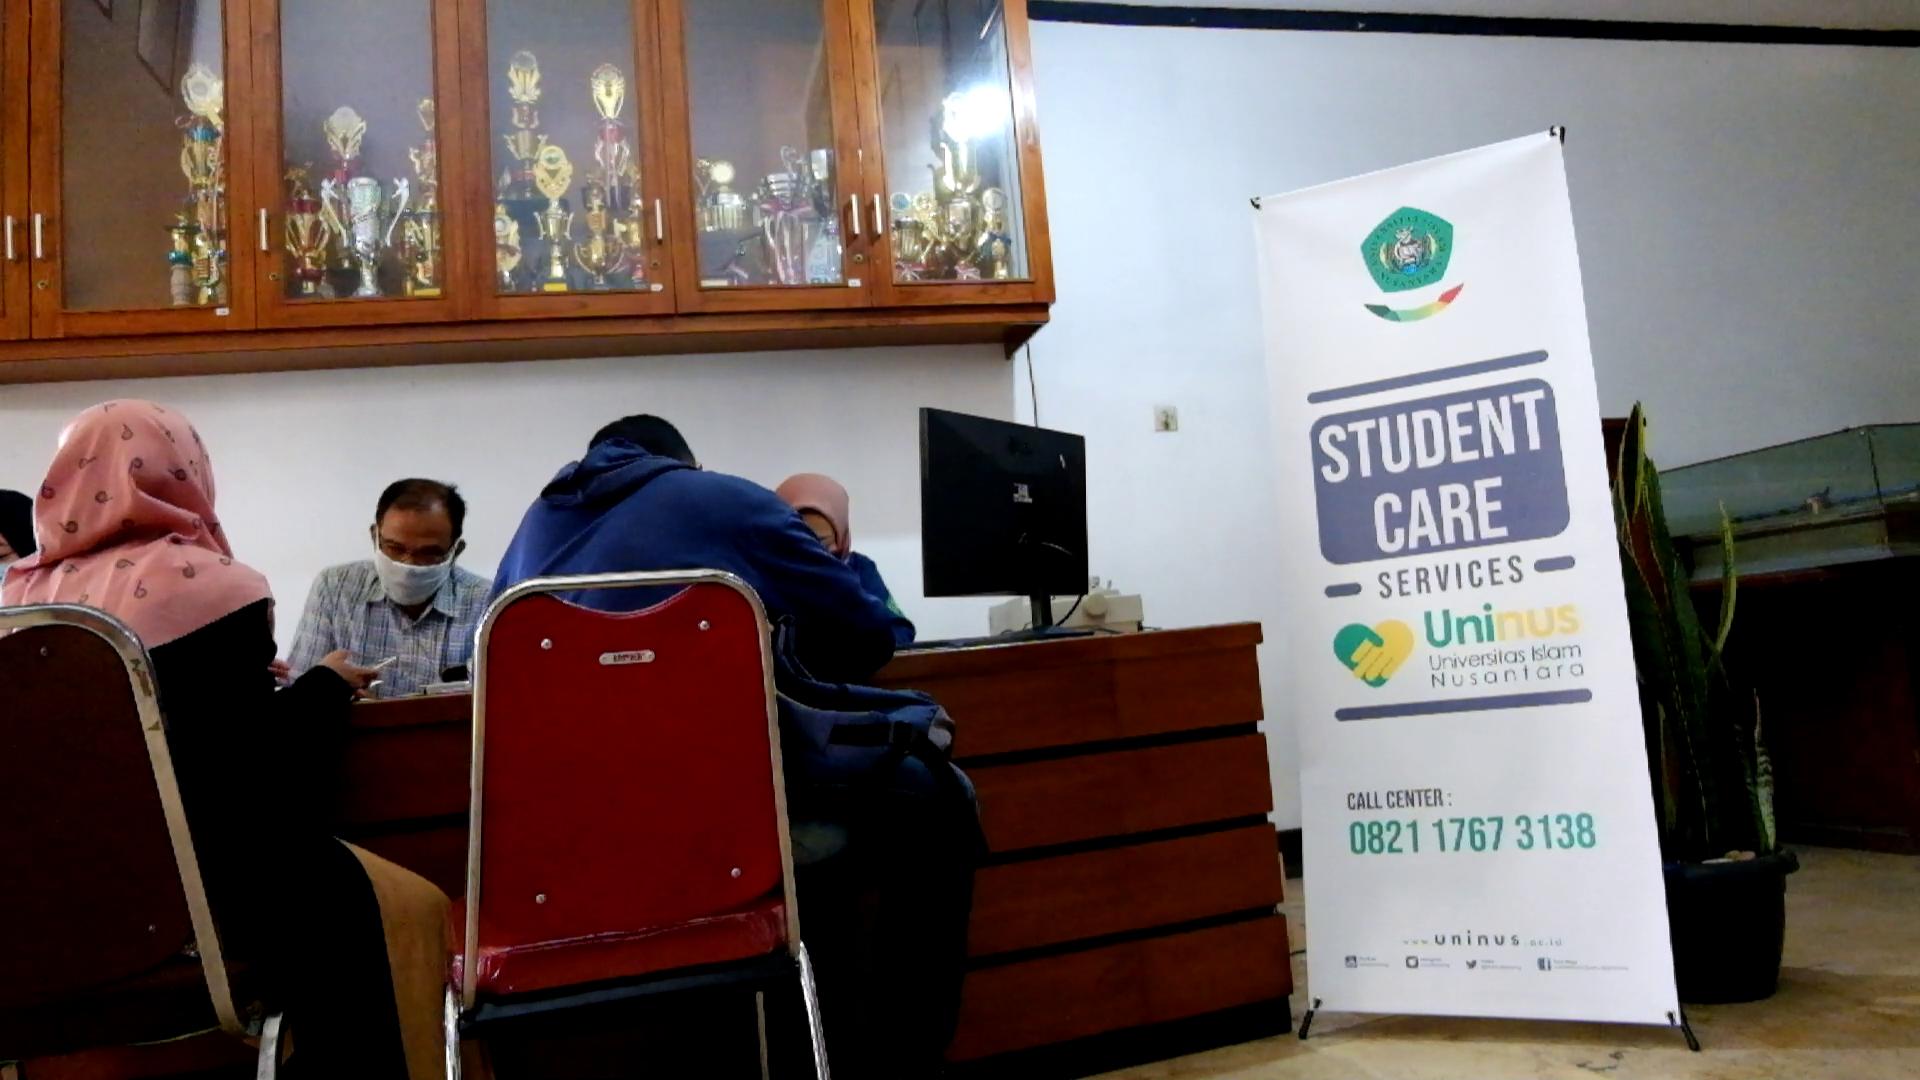 Student Care Services Program Terbaru Dari Direktorat Keuangan & Aset